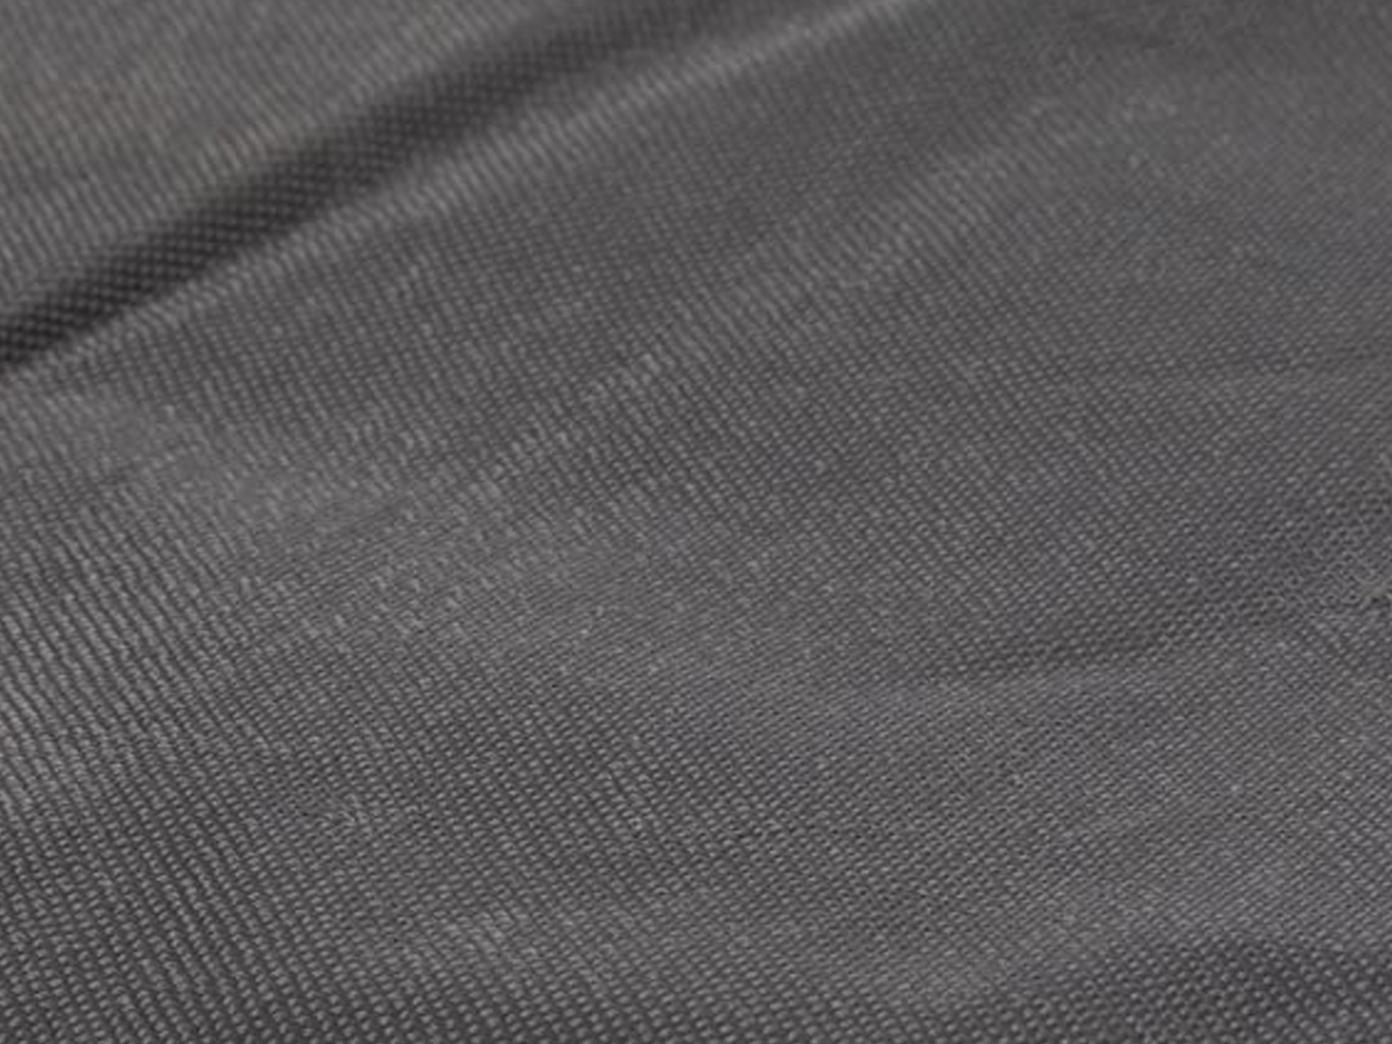 Abdeckplanen Set Hülle für 6-8 Kissen Schutzhülle 300x200cm für Loungemöbel